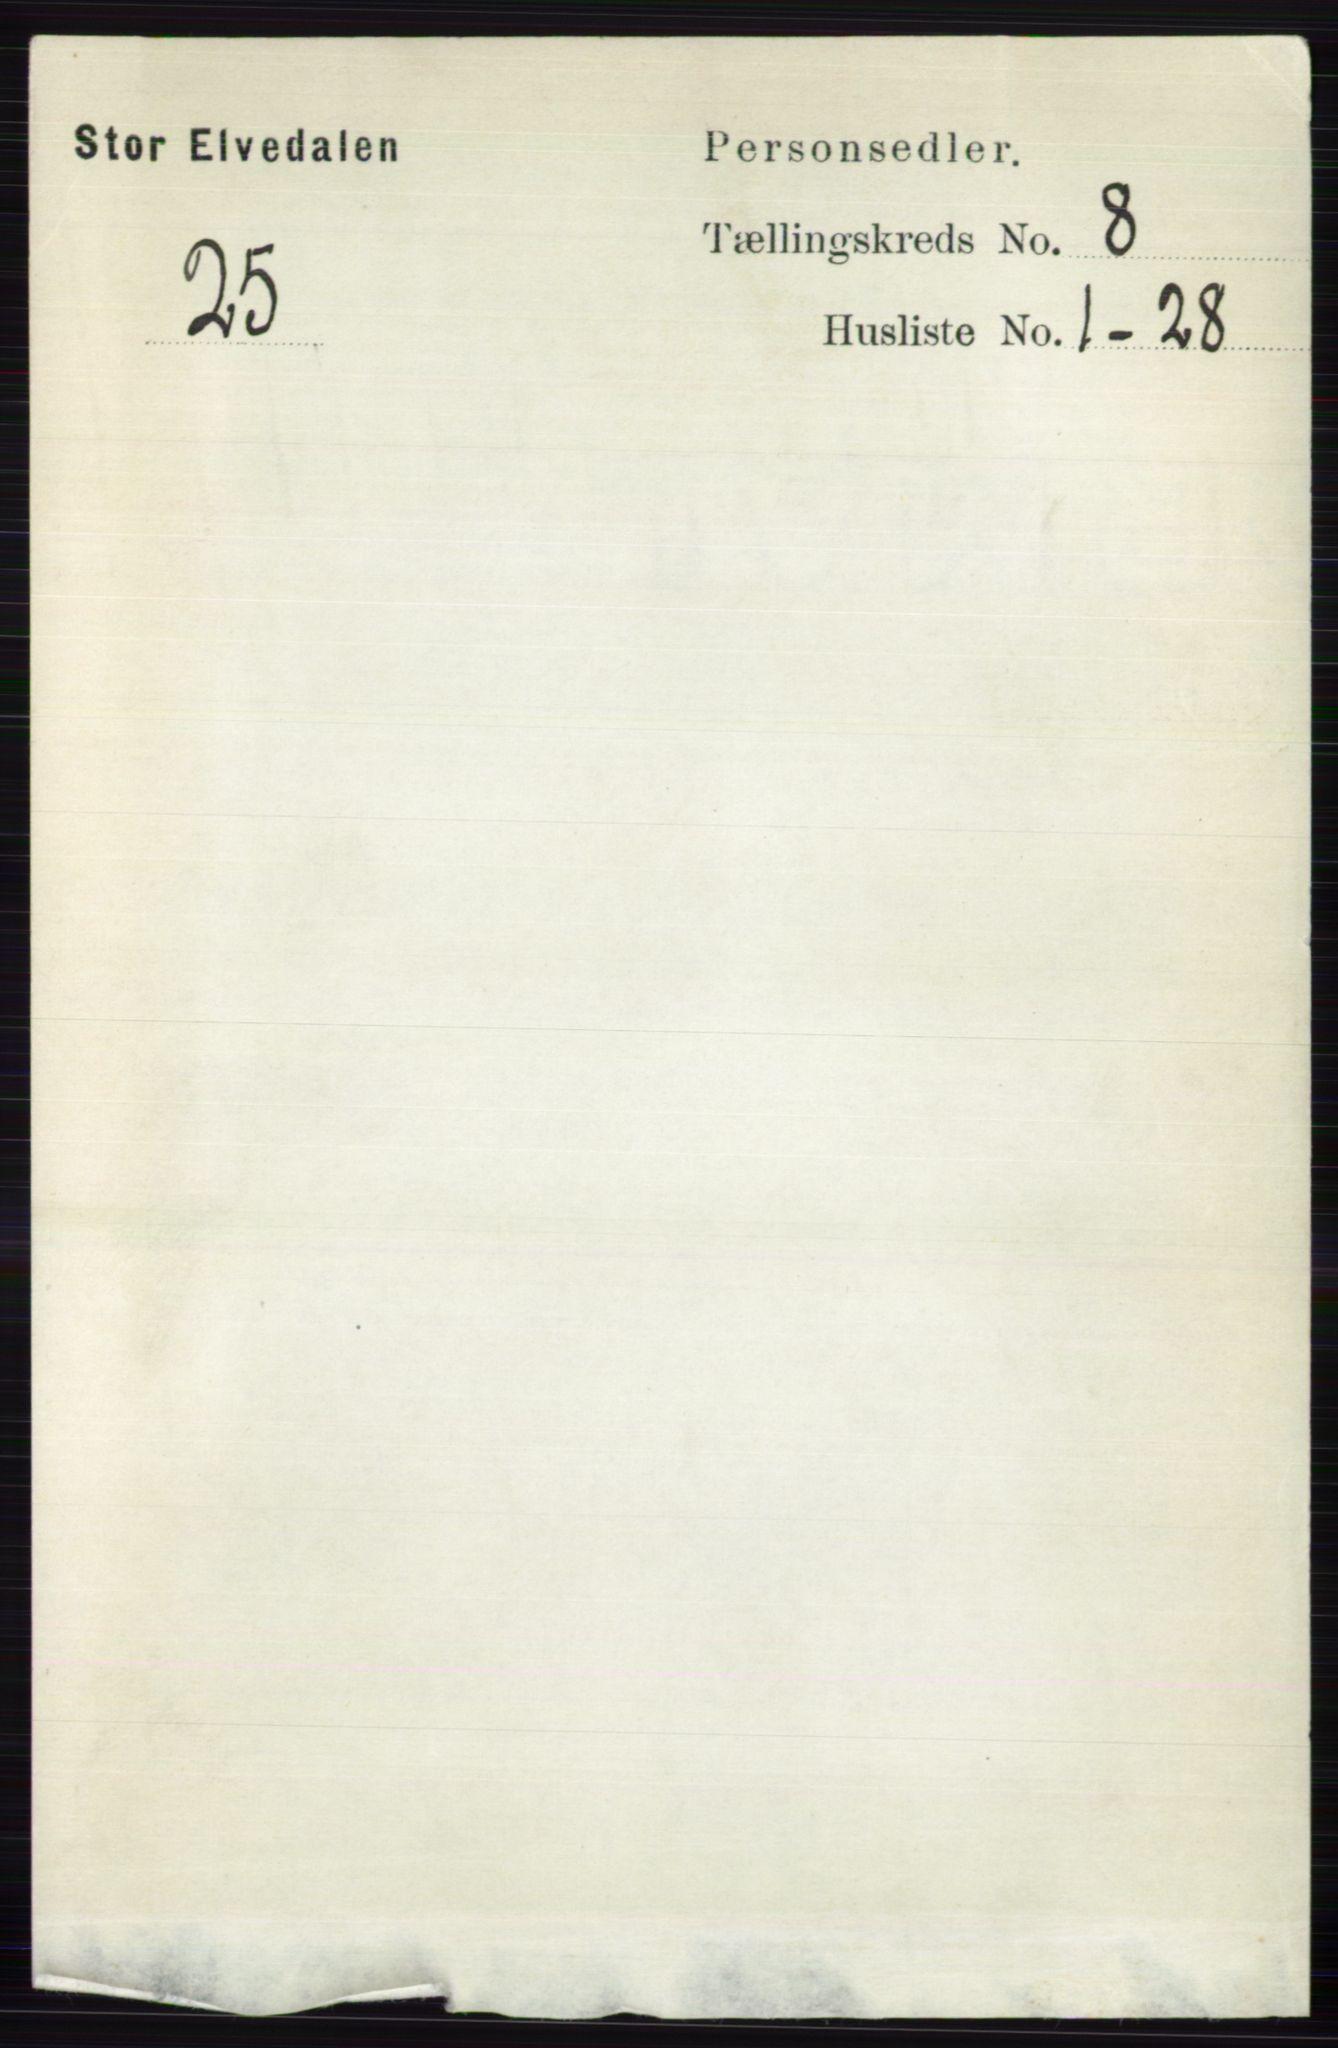 RA, Folketelling 1891 for 0430 Stor-Elvdal herred, 1891, s. 3442